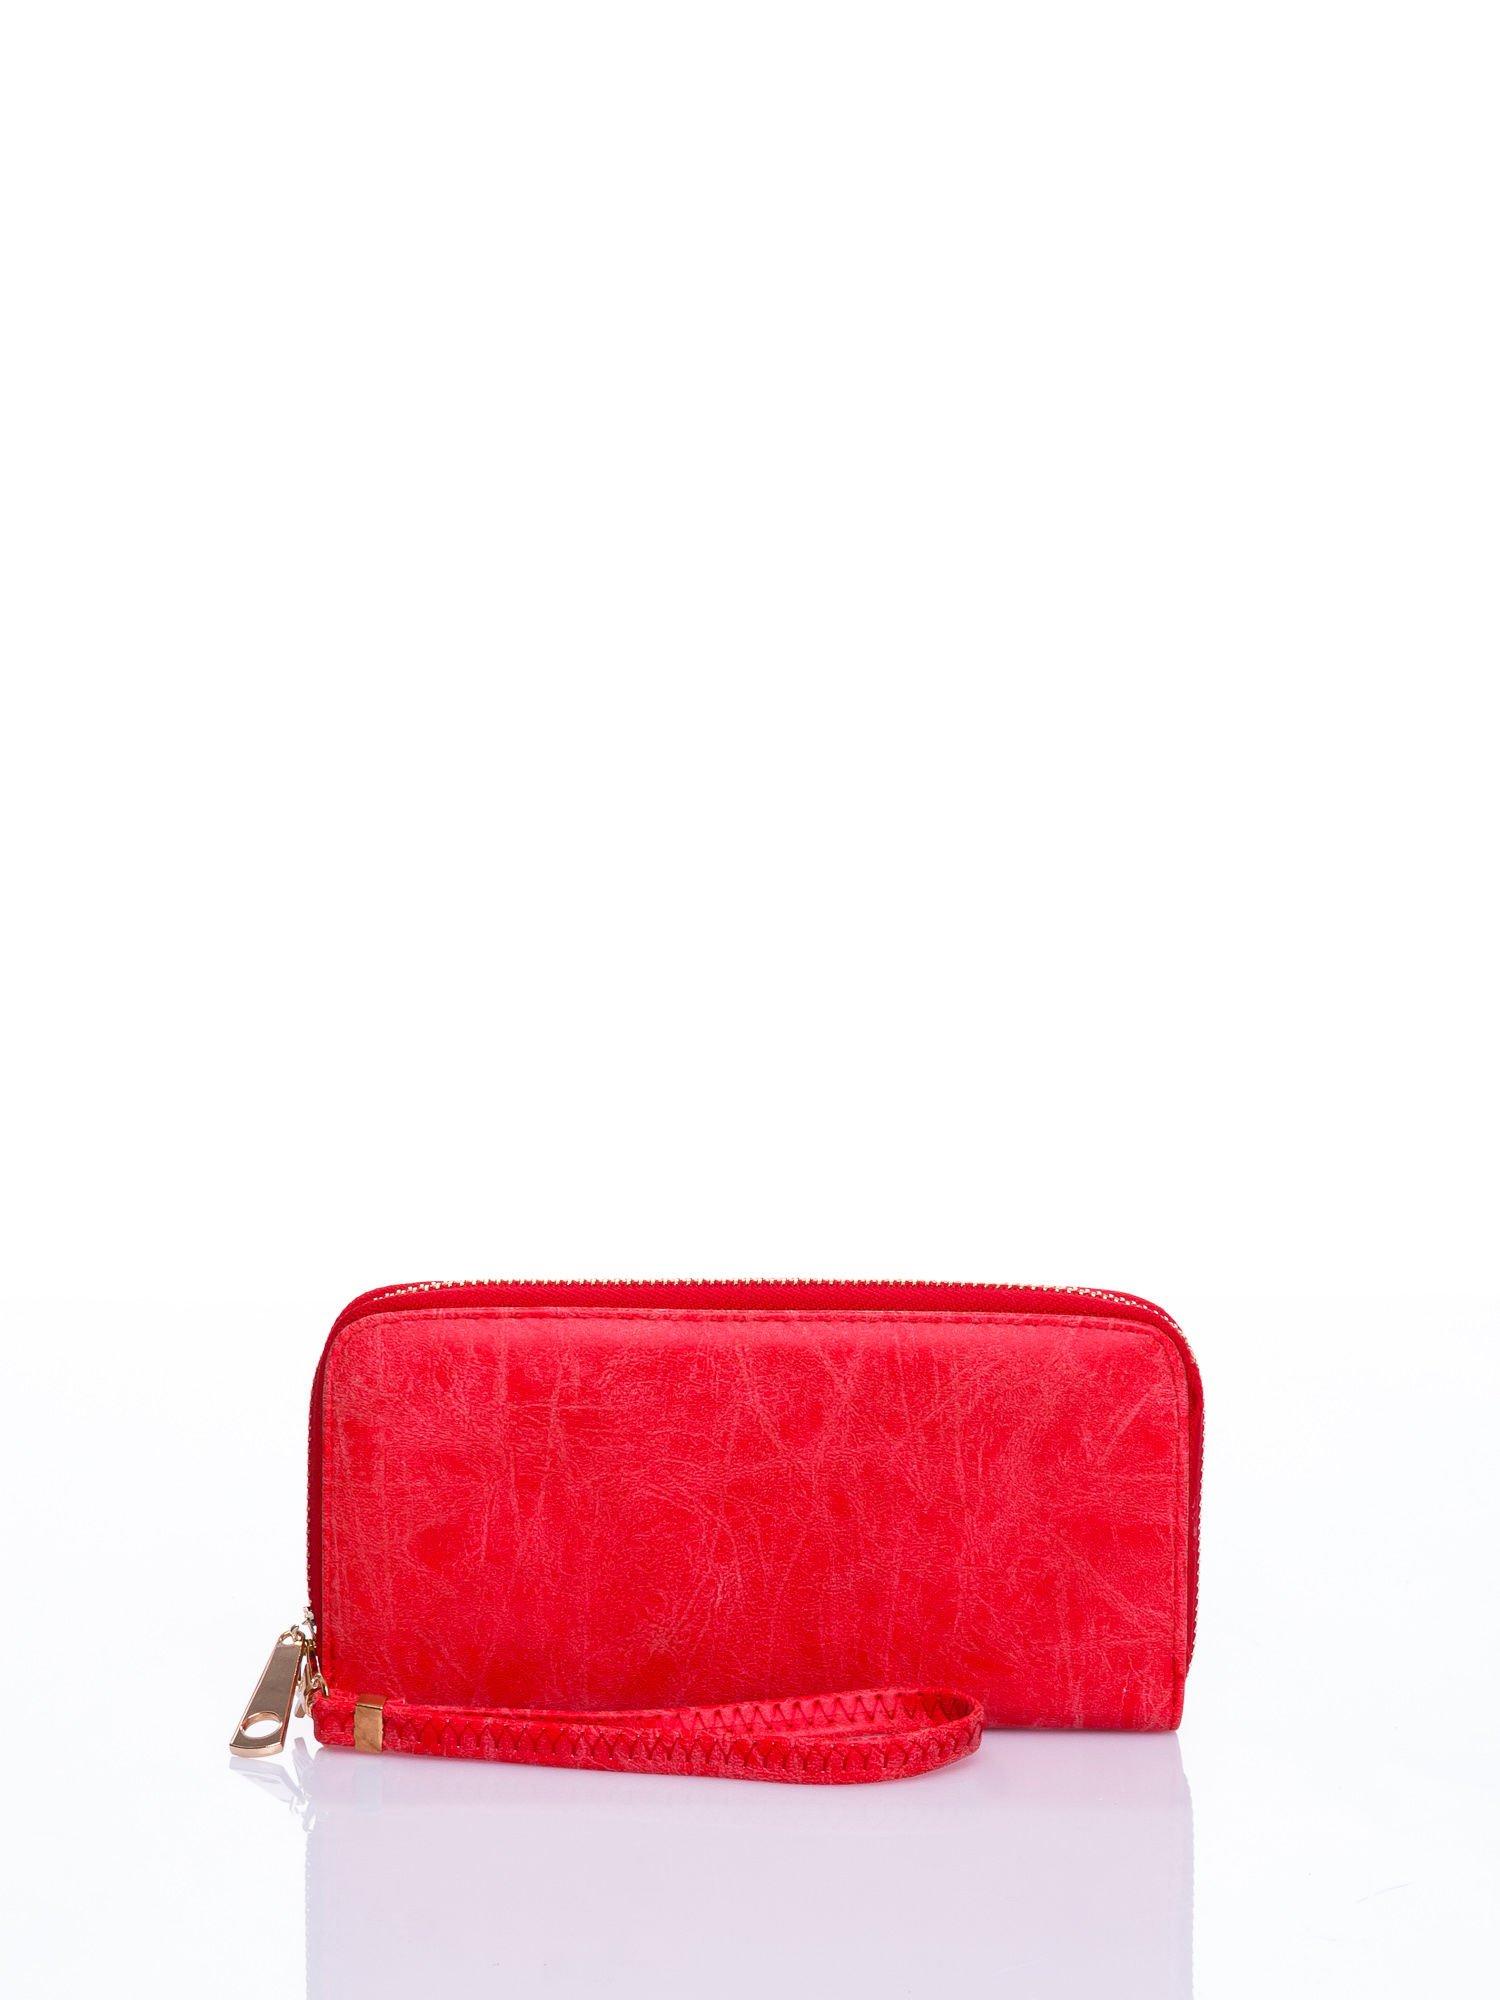 Czerwony portfel z rączką                                  zdj.                                  1